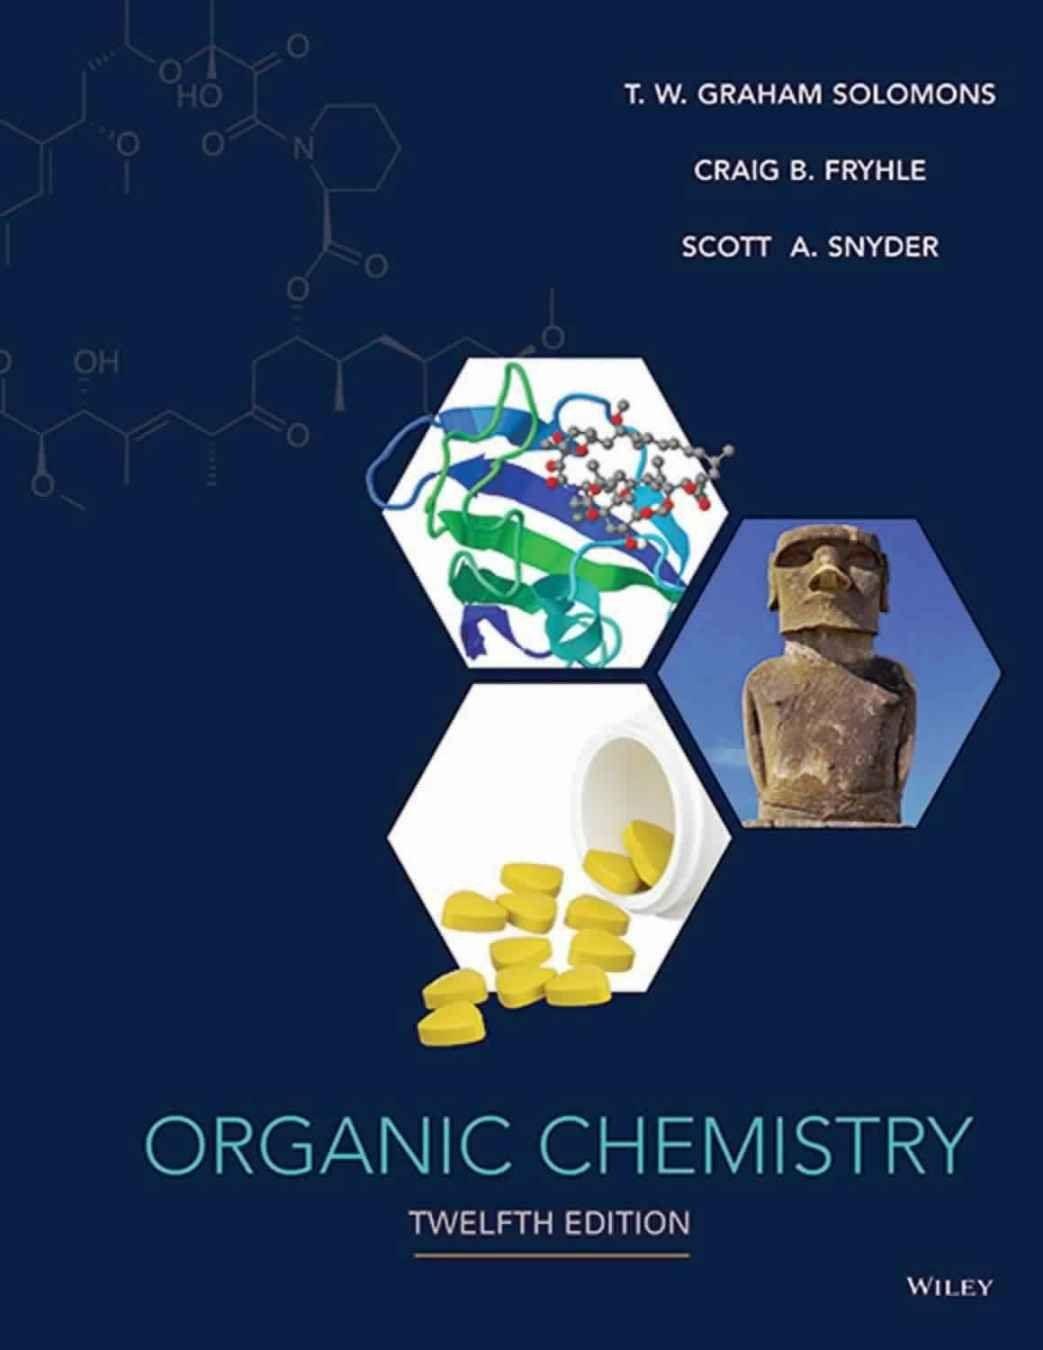 Organic Chemistry 12th Edition E Book